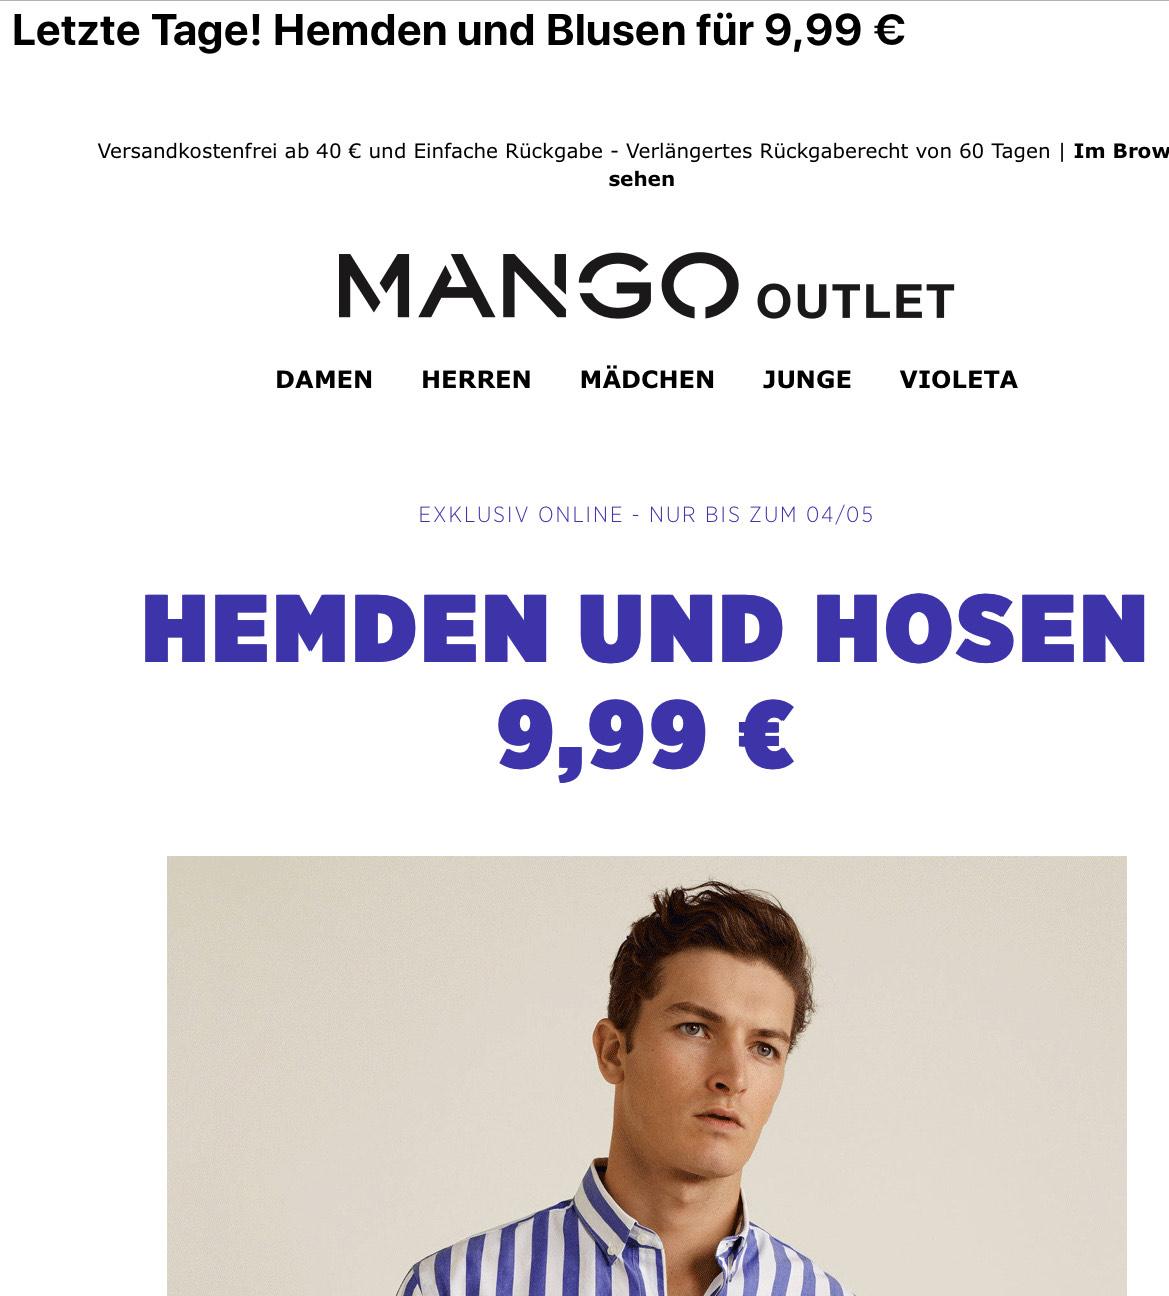 Mango Outlet, ausgewählte Hemden und Hosen für Damen und Herren 9,99€, läuft bis 4.5. , versandkostenfrei ab 40€